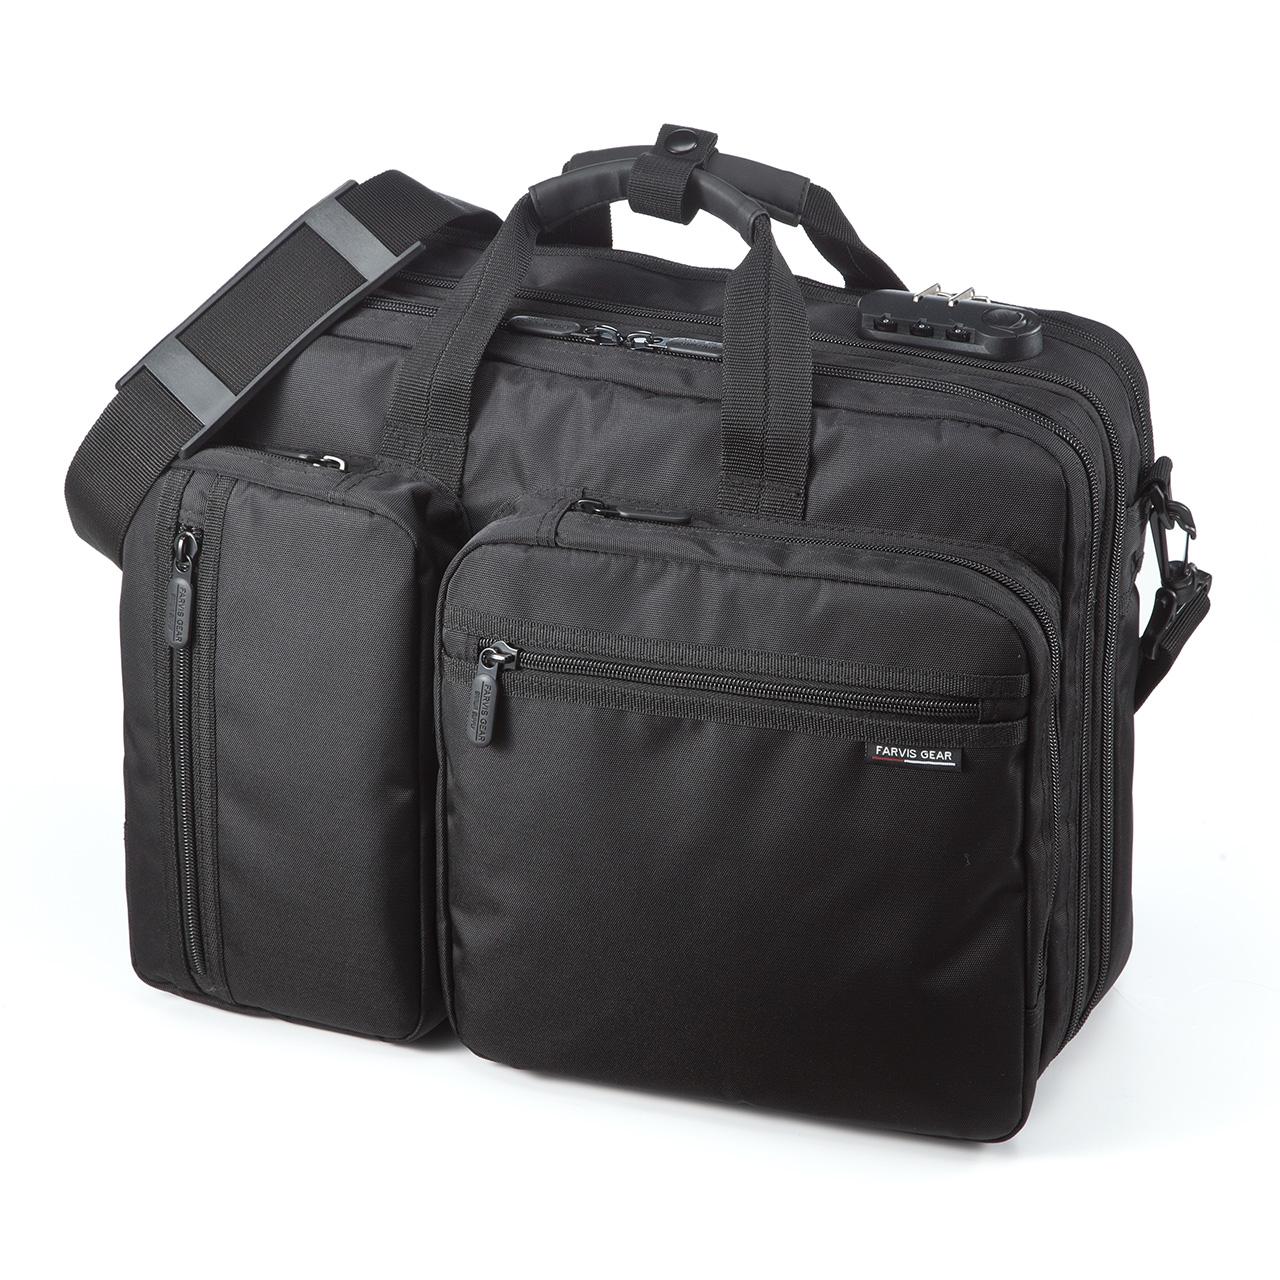 デキる男のメンズビジネスバッグ SANWA DIRECT 3WAYビジネスバッグ